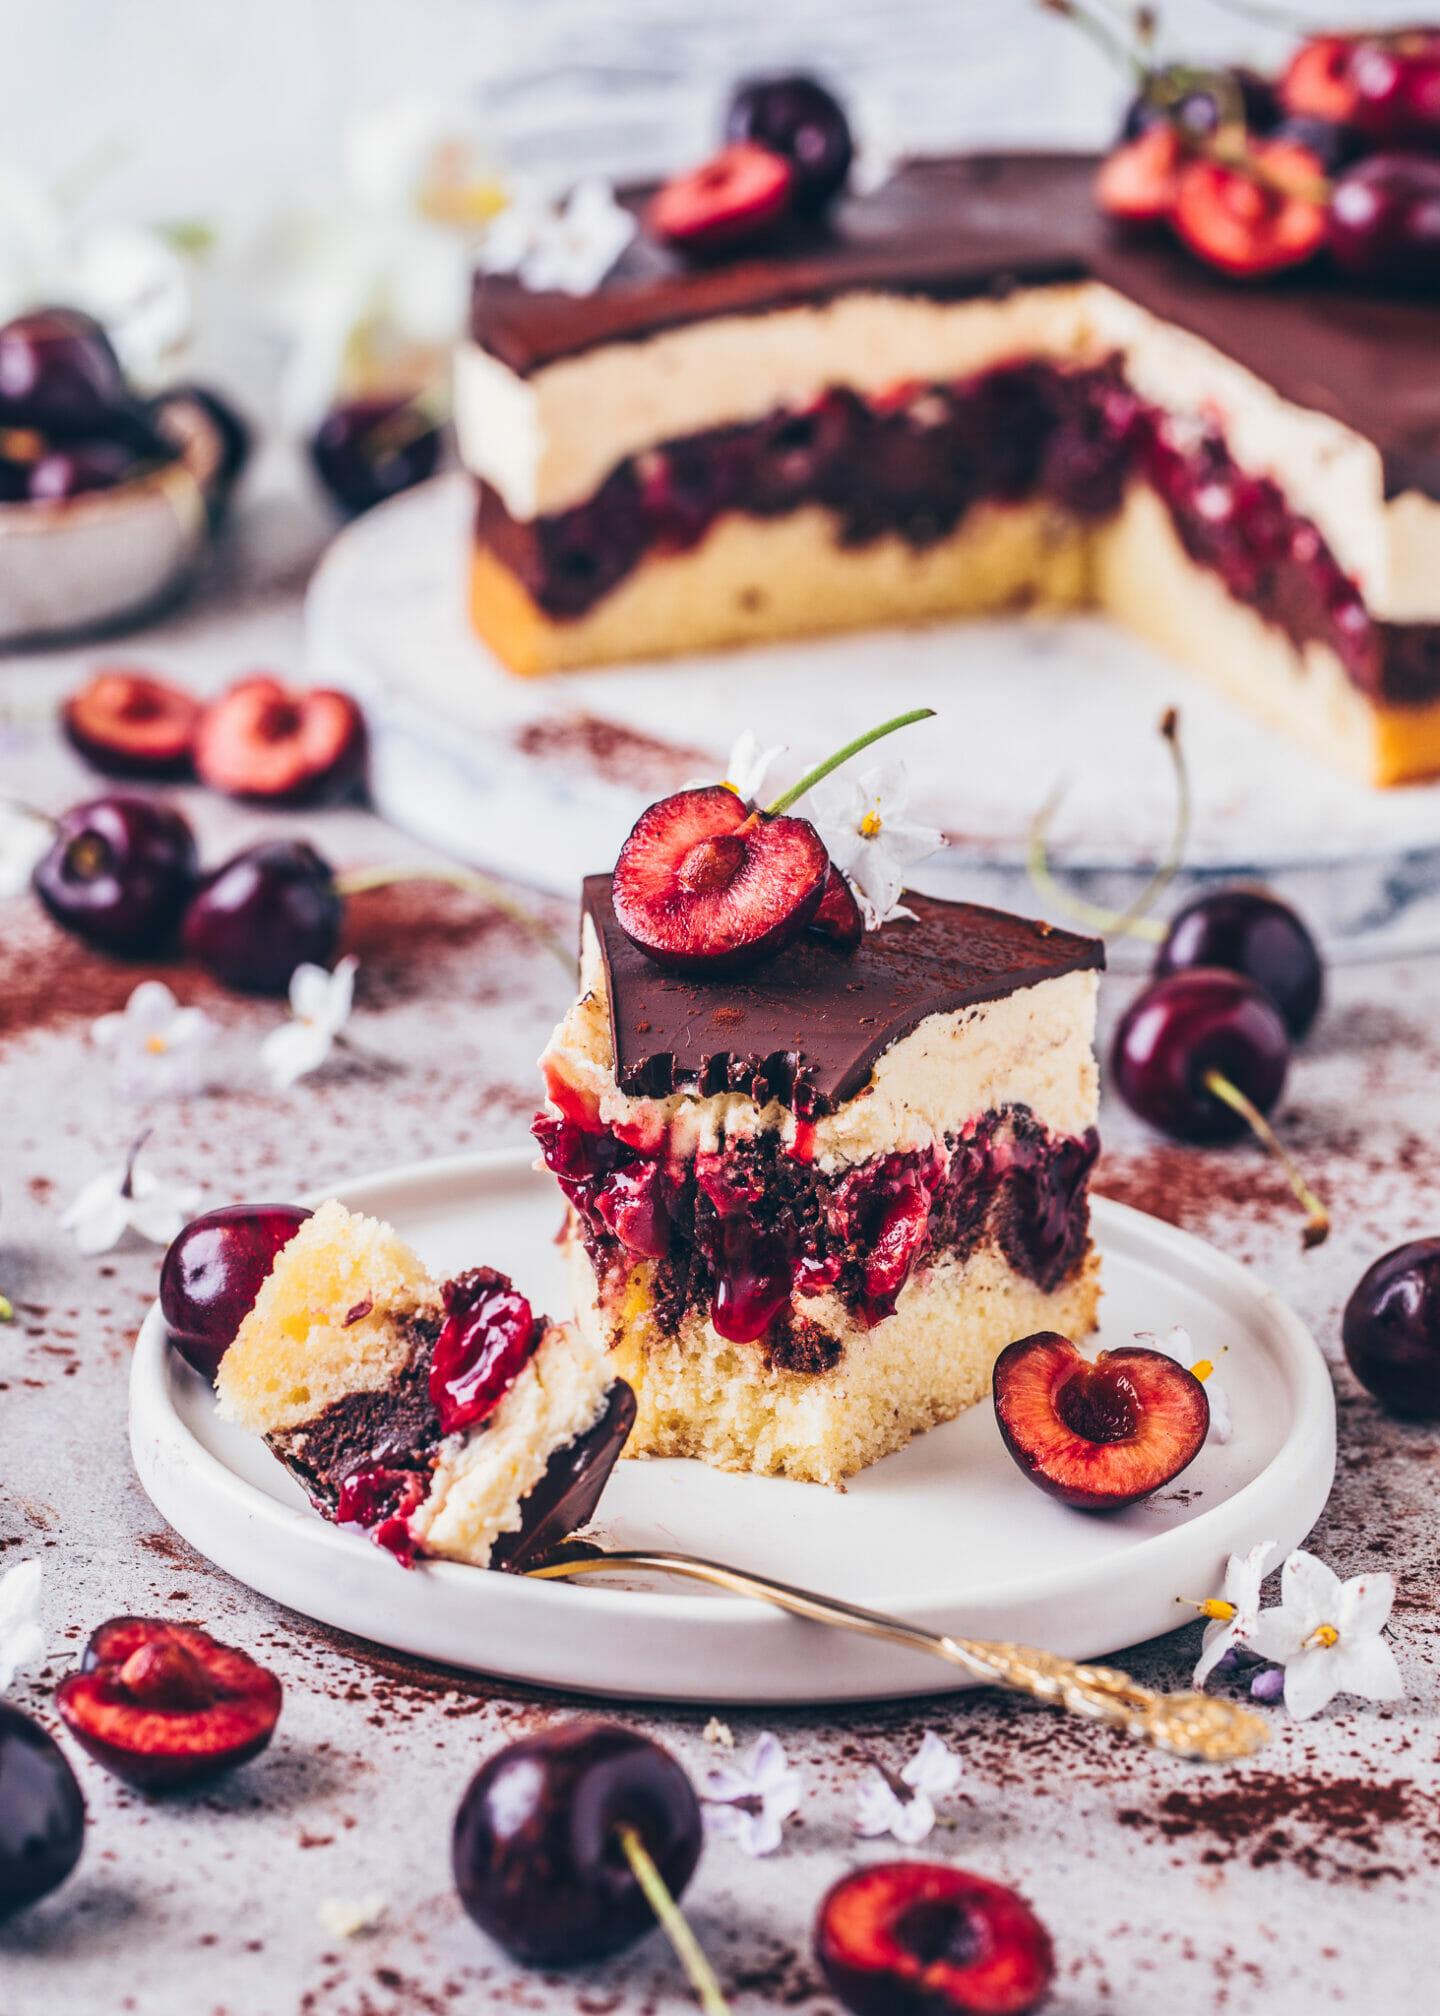 Cherry Chocolate Cake with Pudding Cream